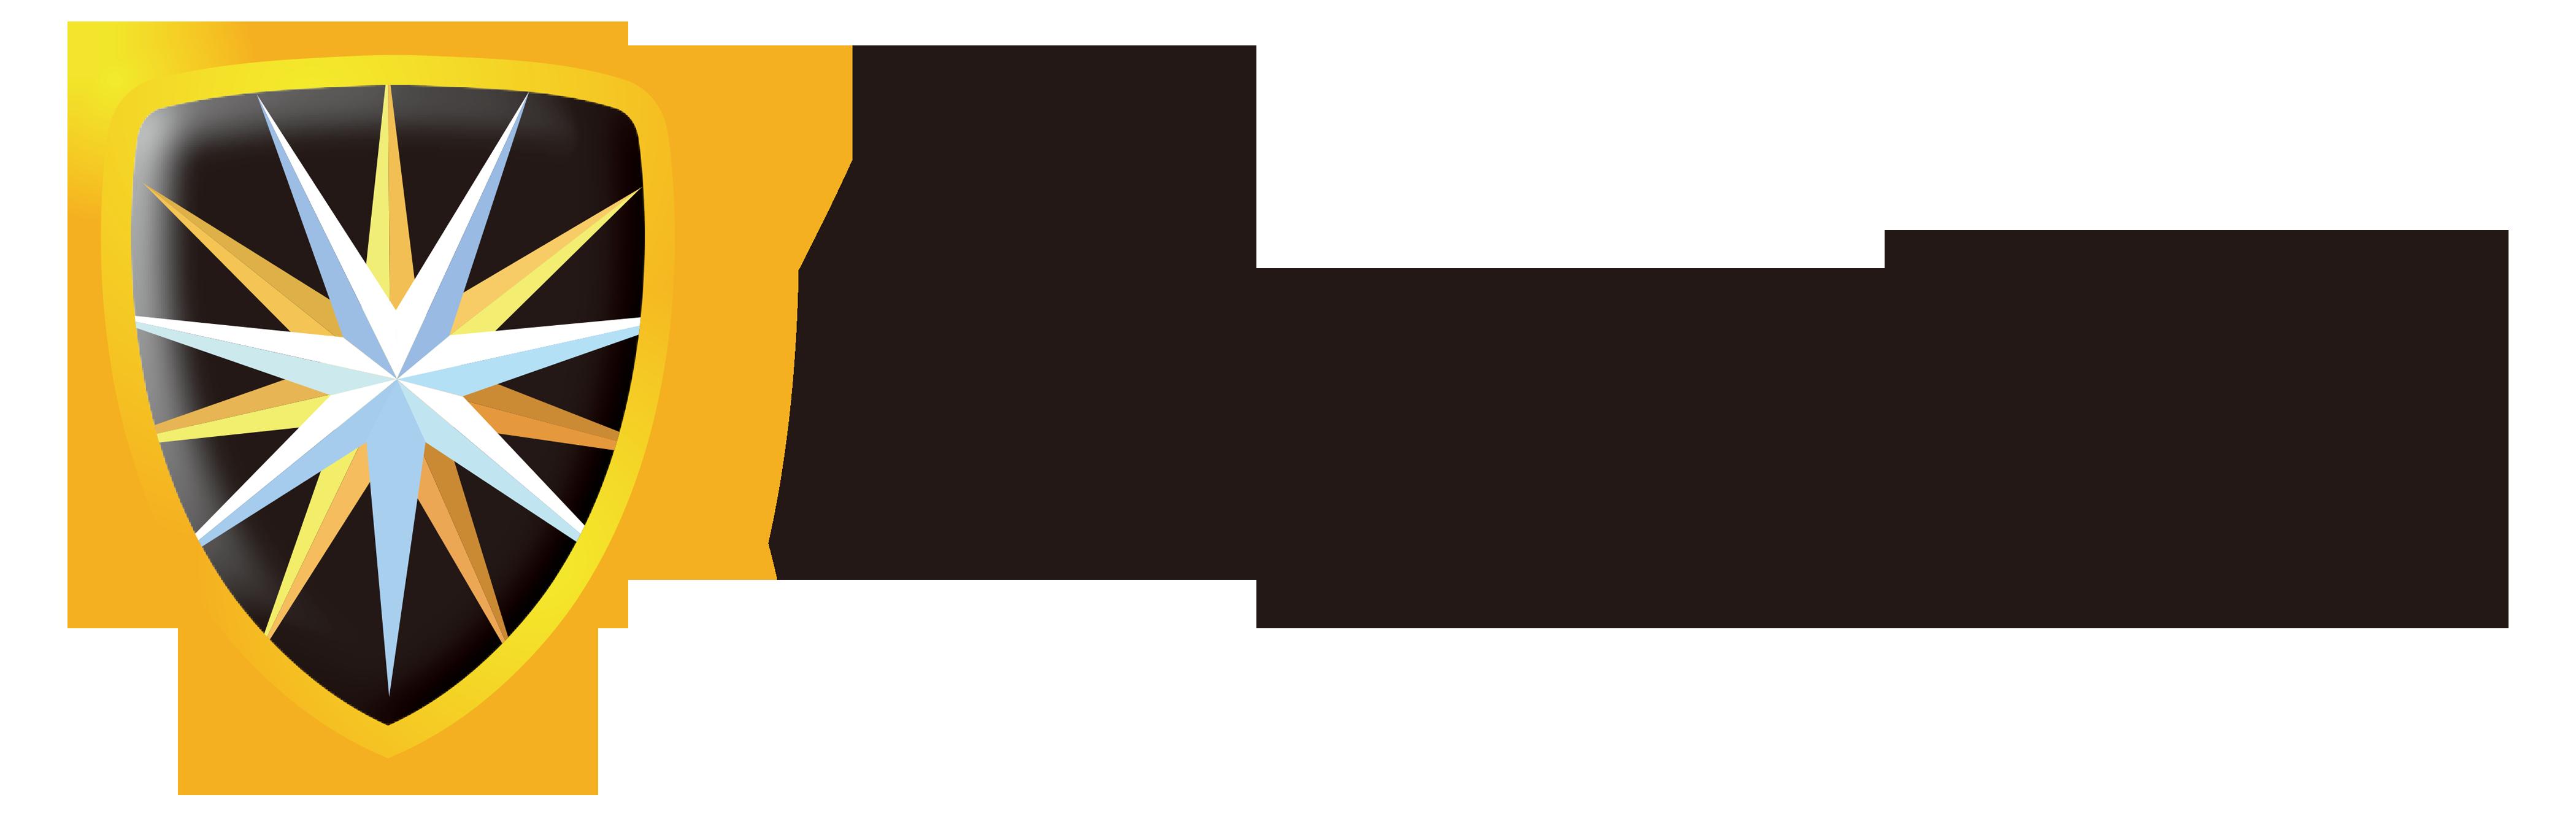 RayAegis